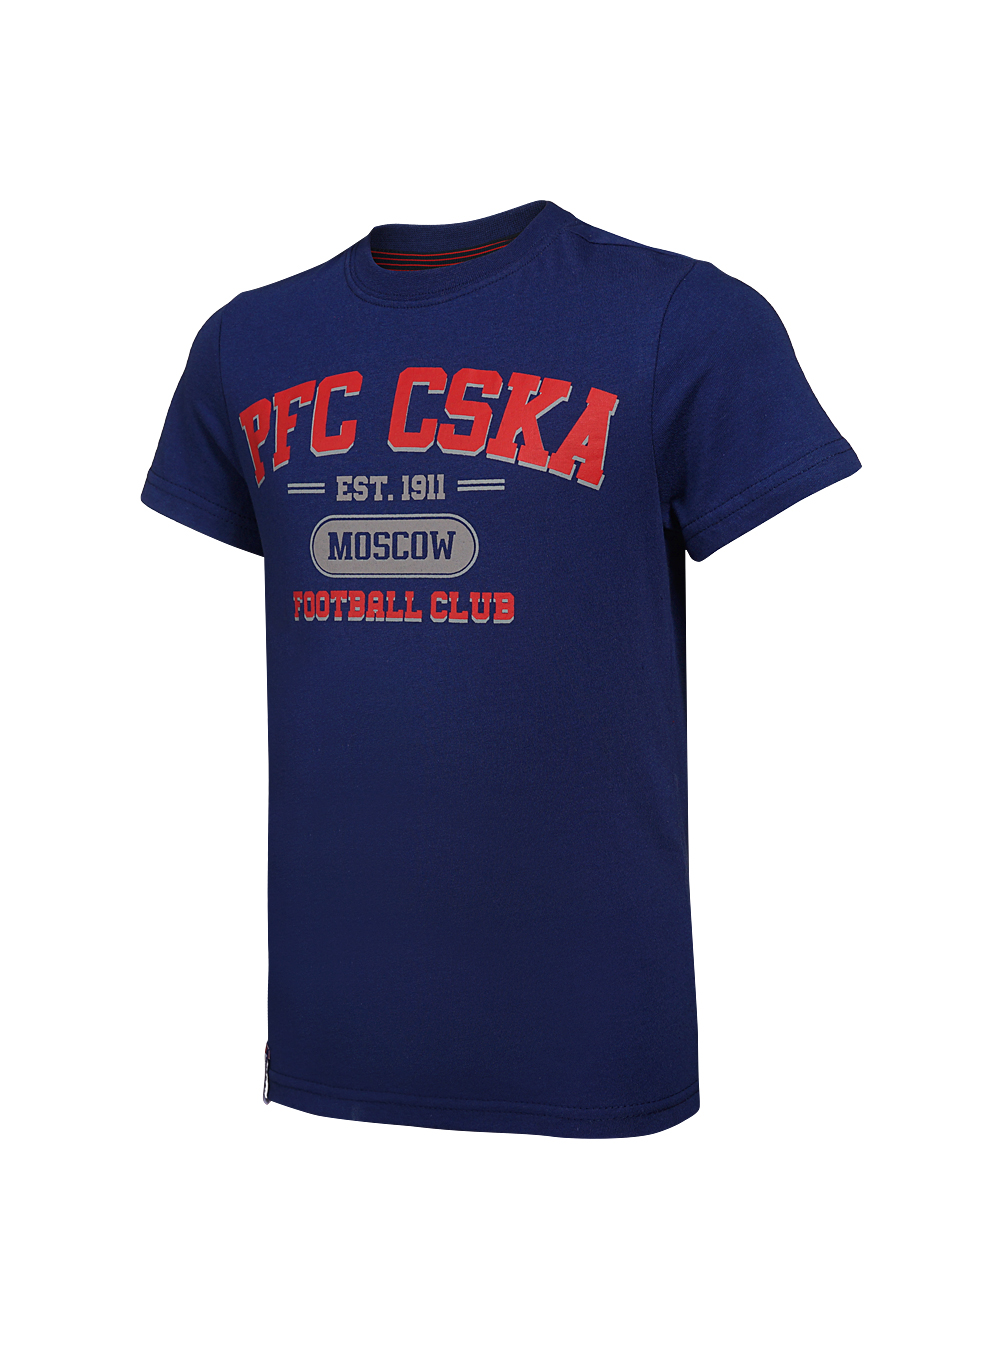 Купить Футболка детская  PFC CSKA Moscow синяя (140) по Нижнему Новгороду